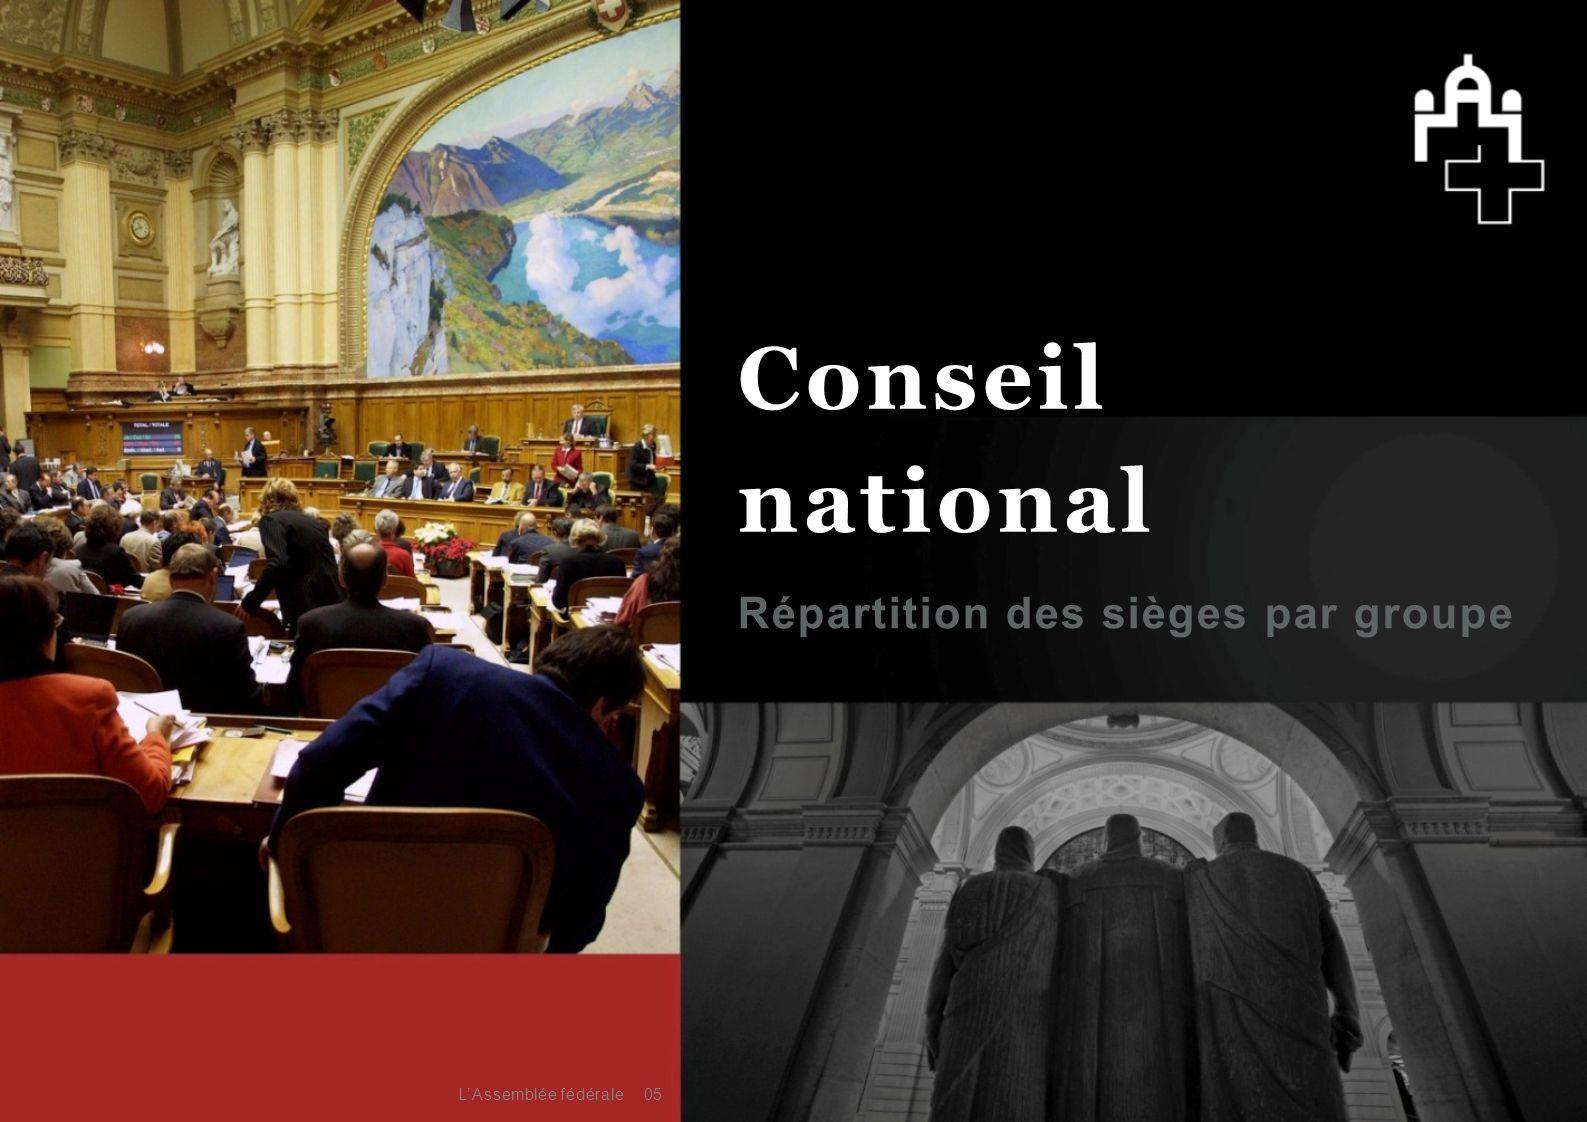 Conseil national Répartition des sièges par groupe 06L'Assemblée fédérale